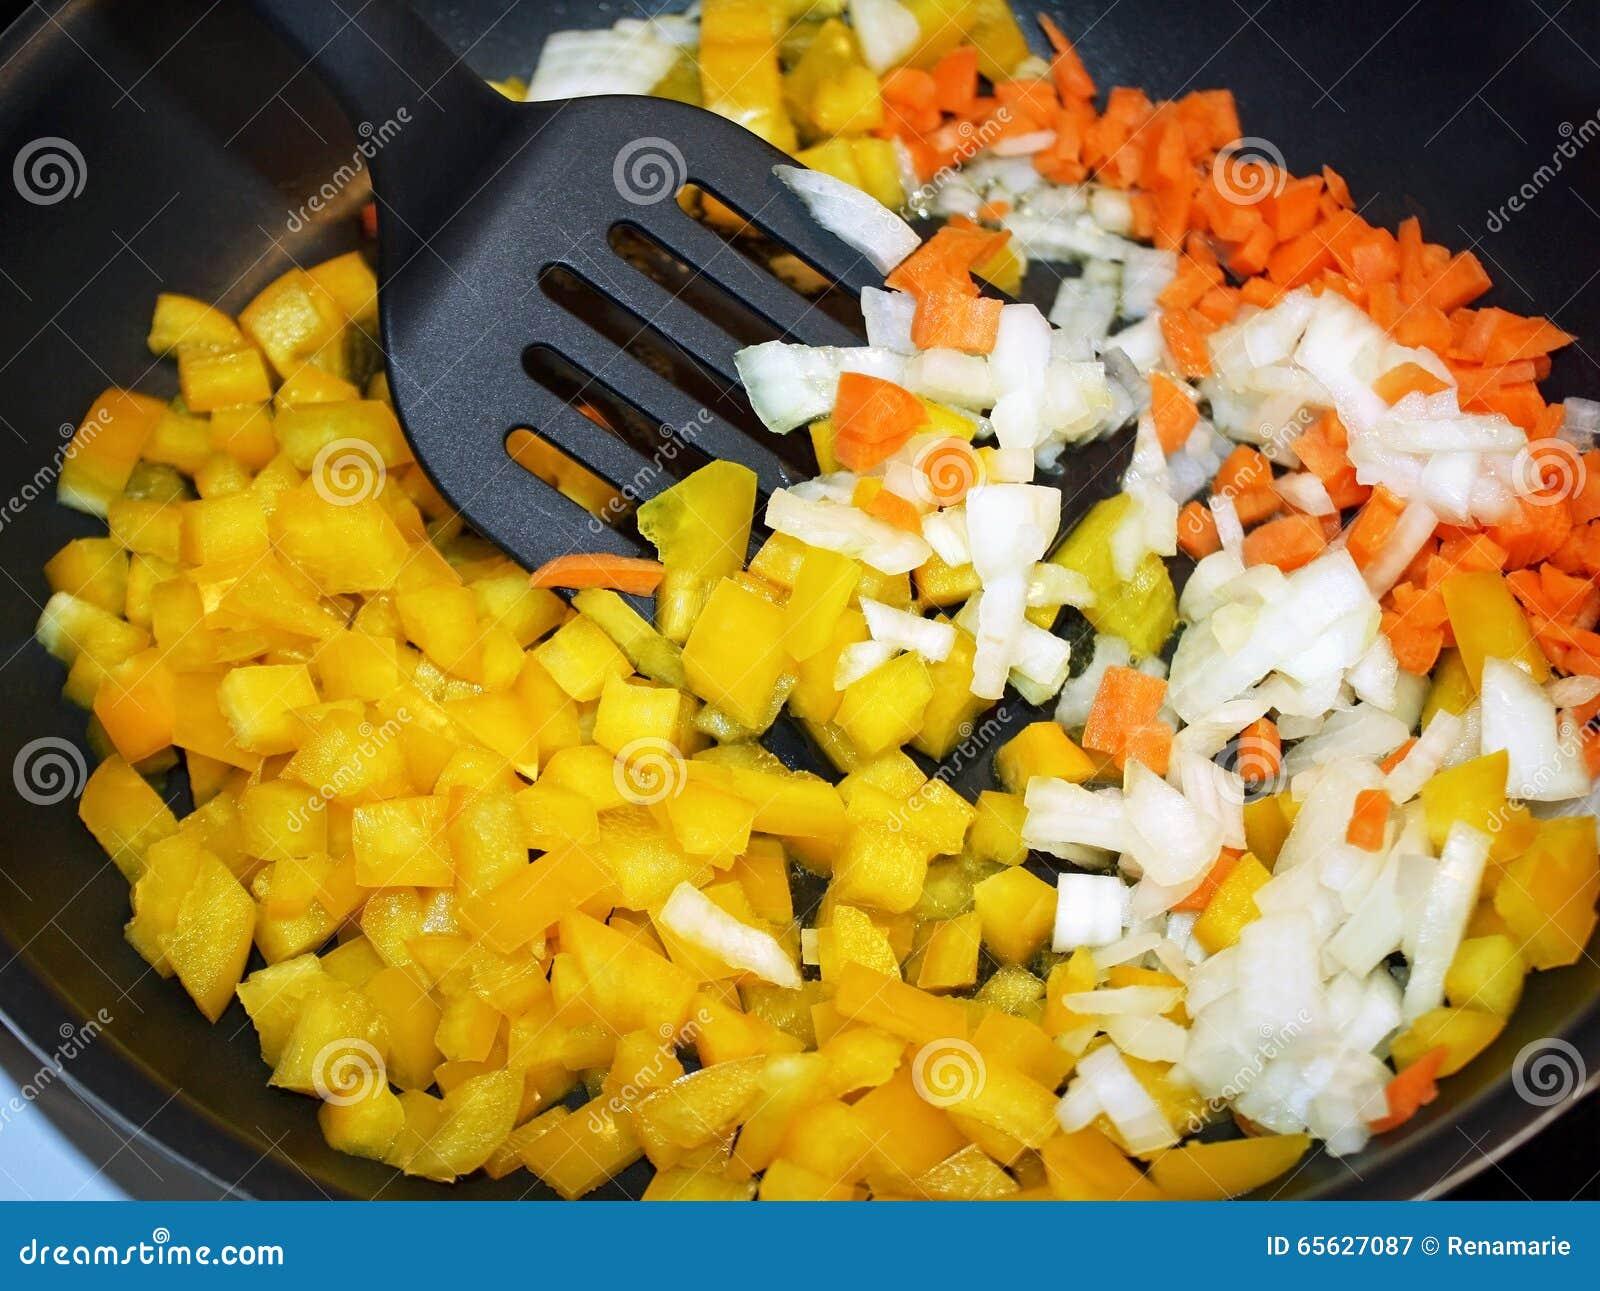 Carottes crues découpées, oignons et poivrons jaunes dans la poêle prête pour le sauté